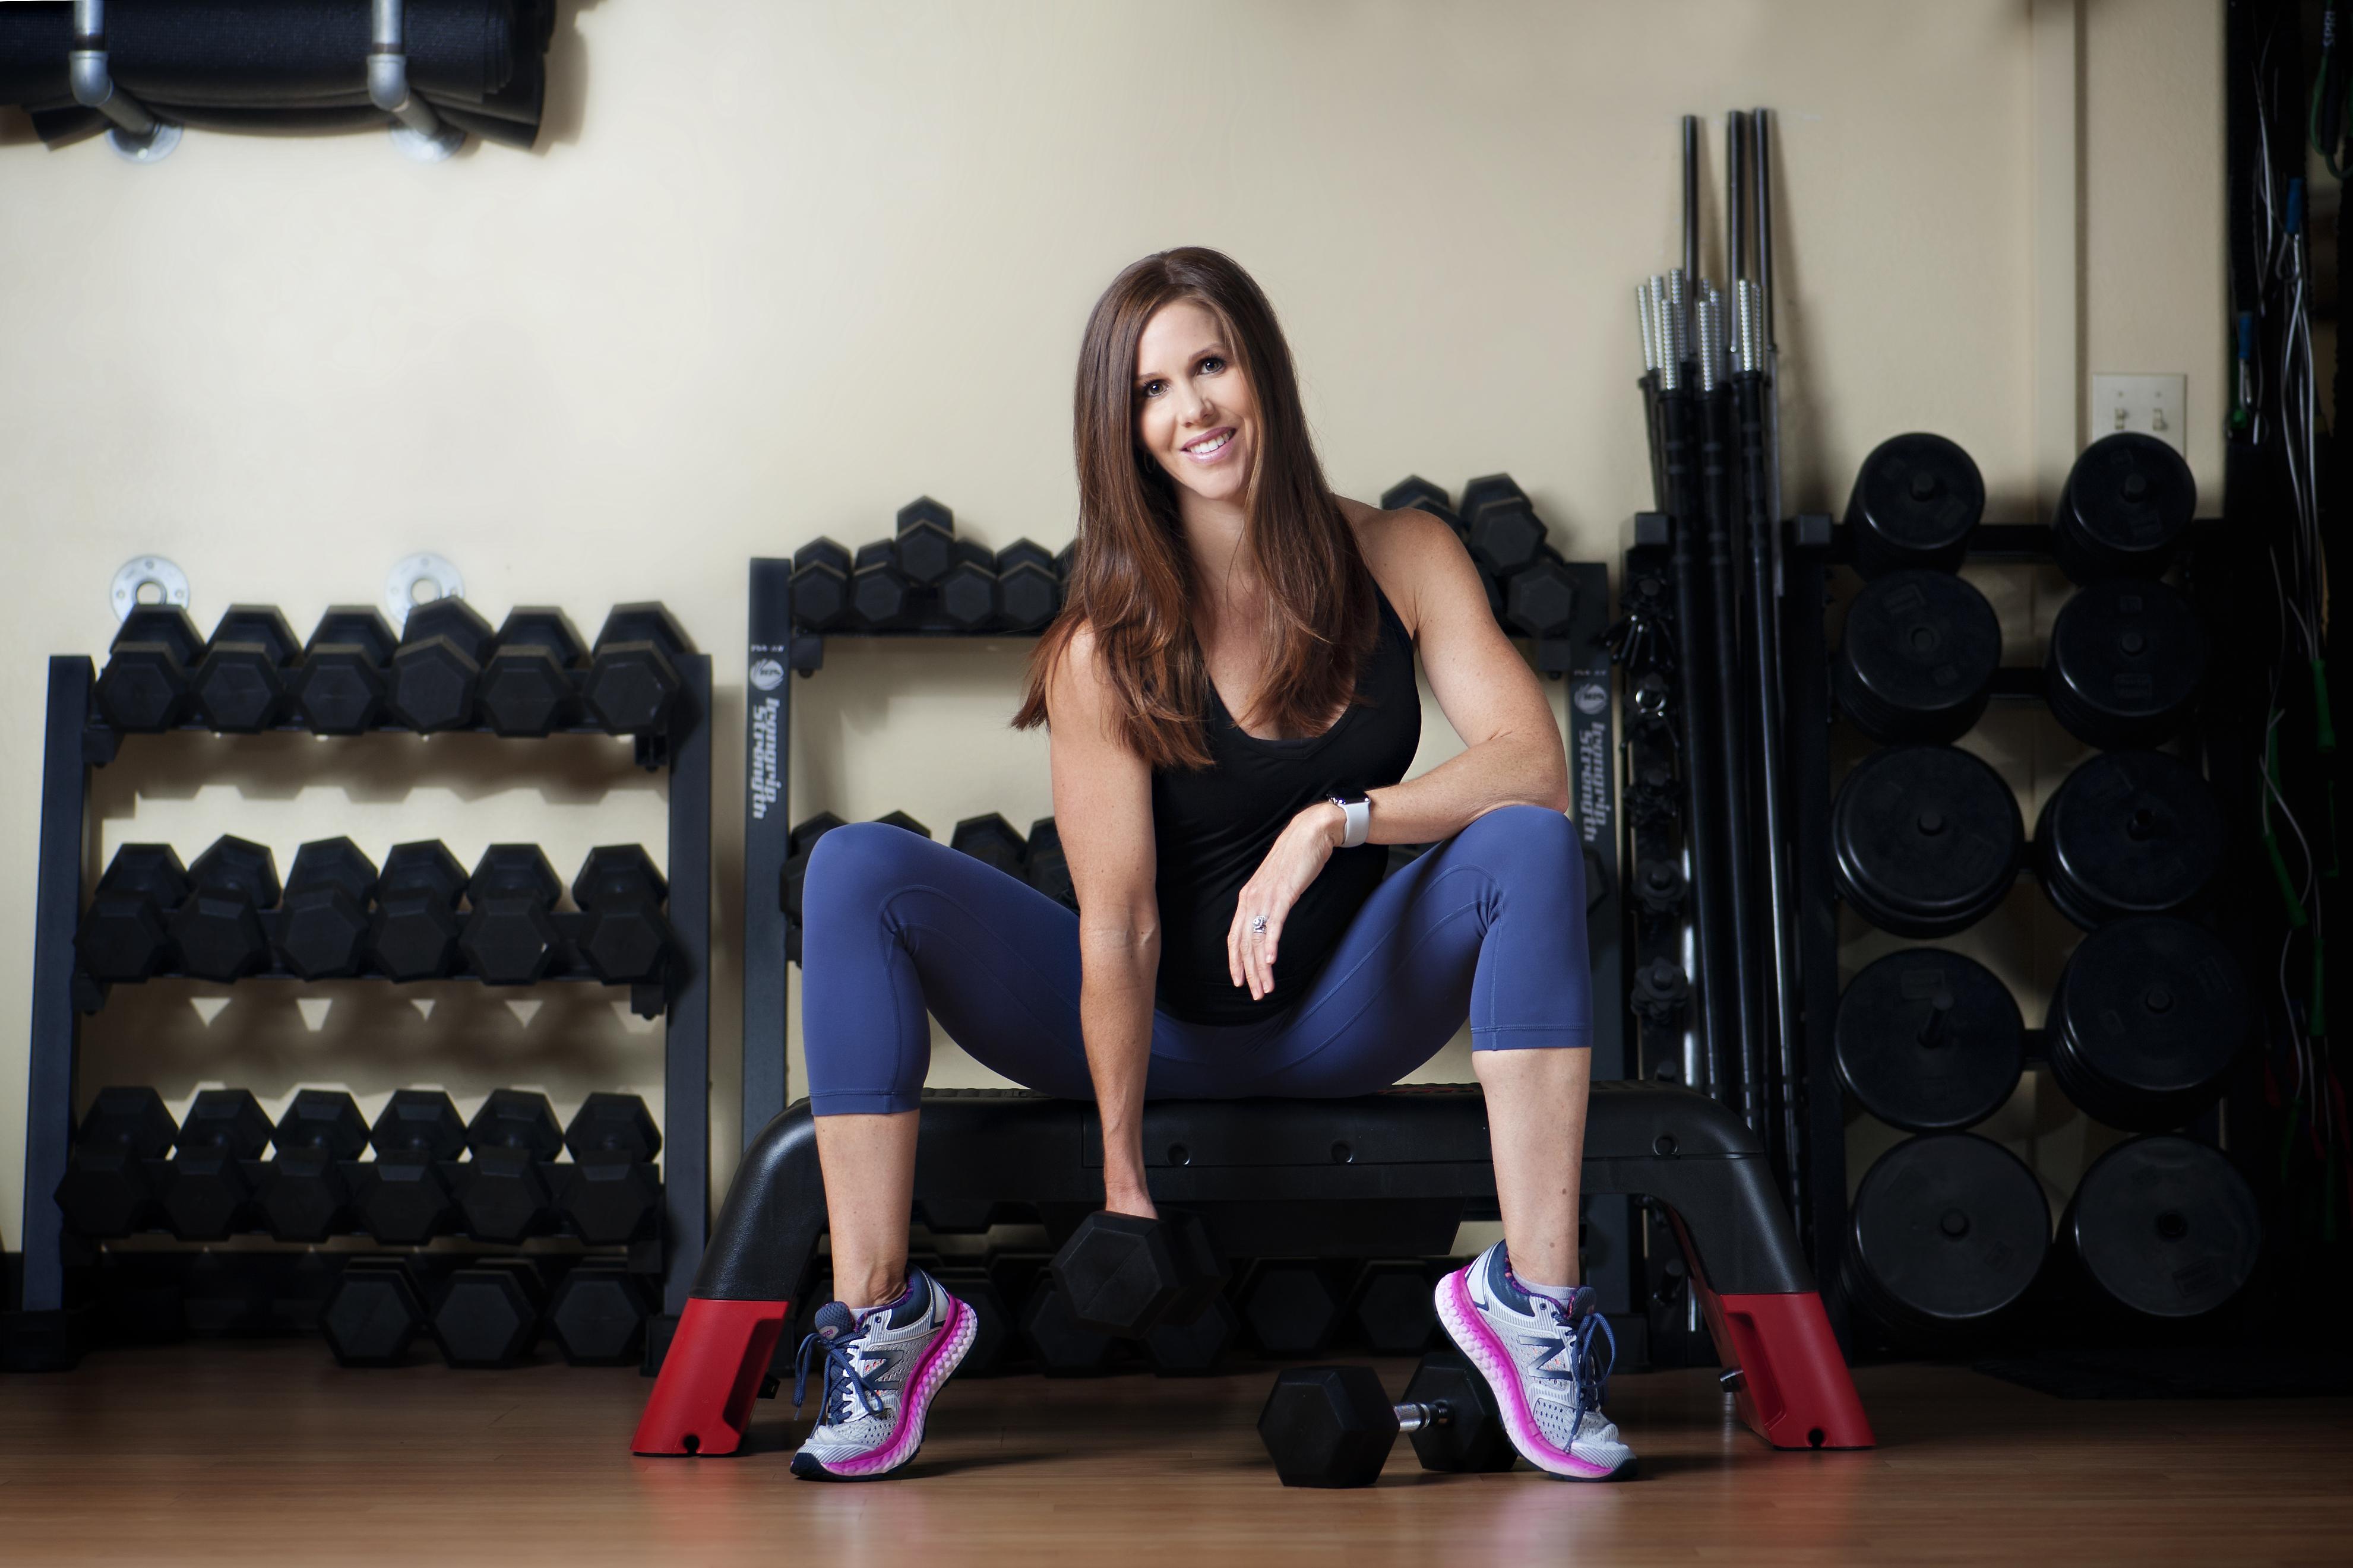 Workout dumbbells